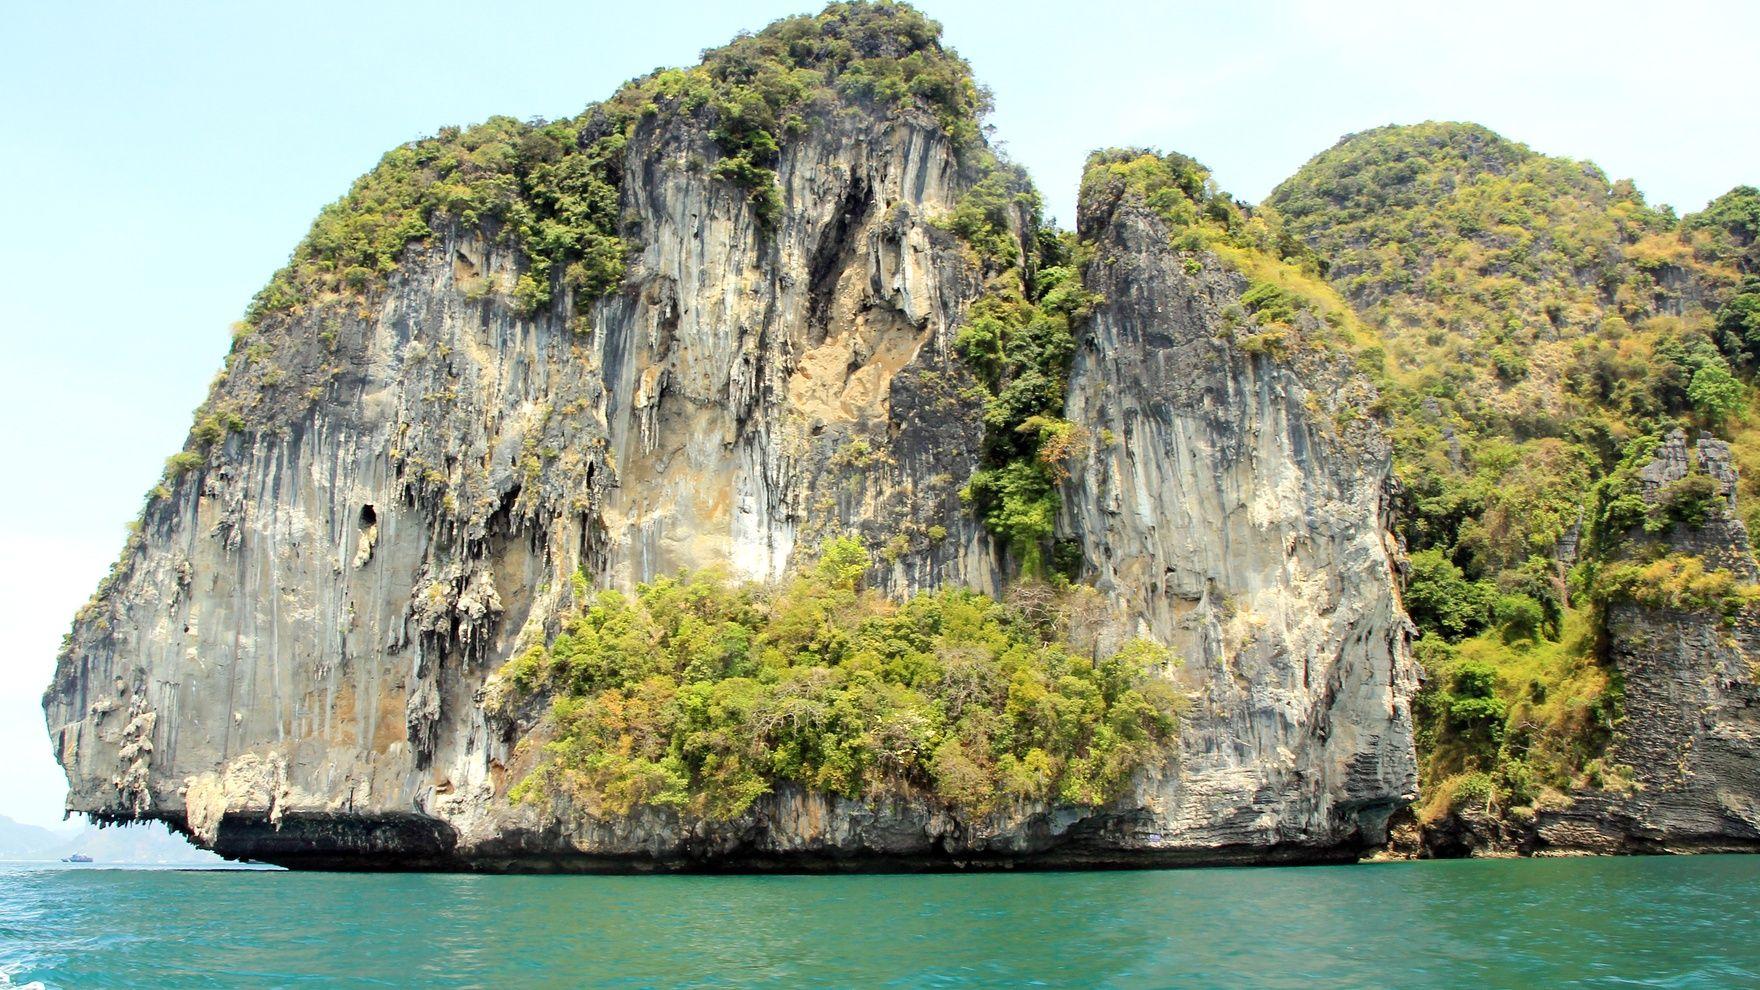 New Year regatta in Thailand